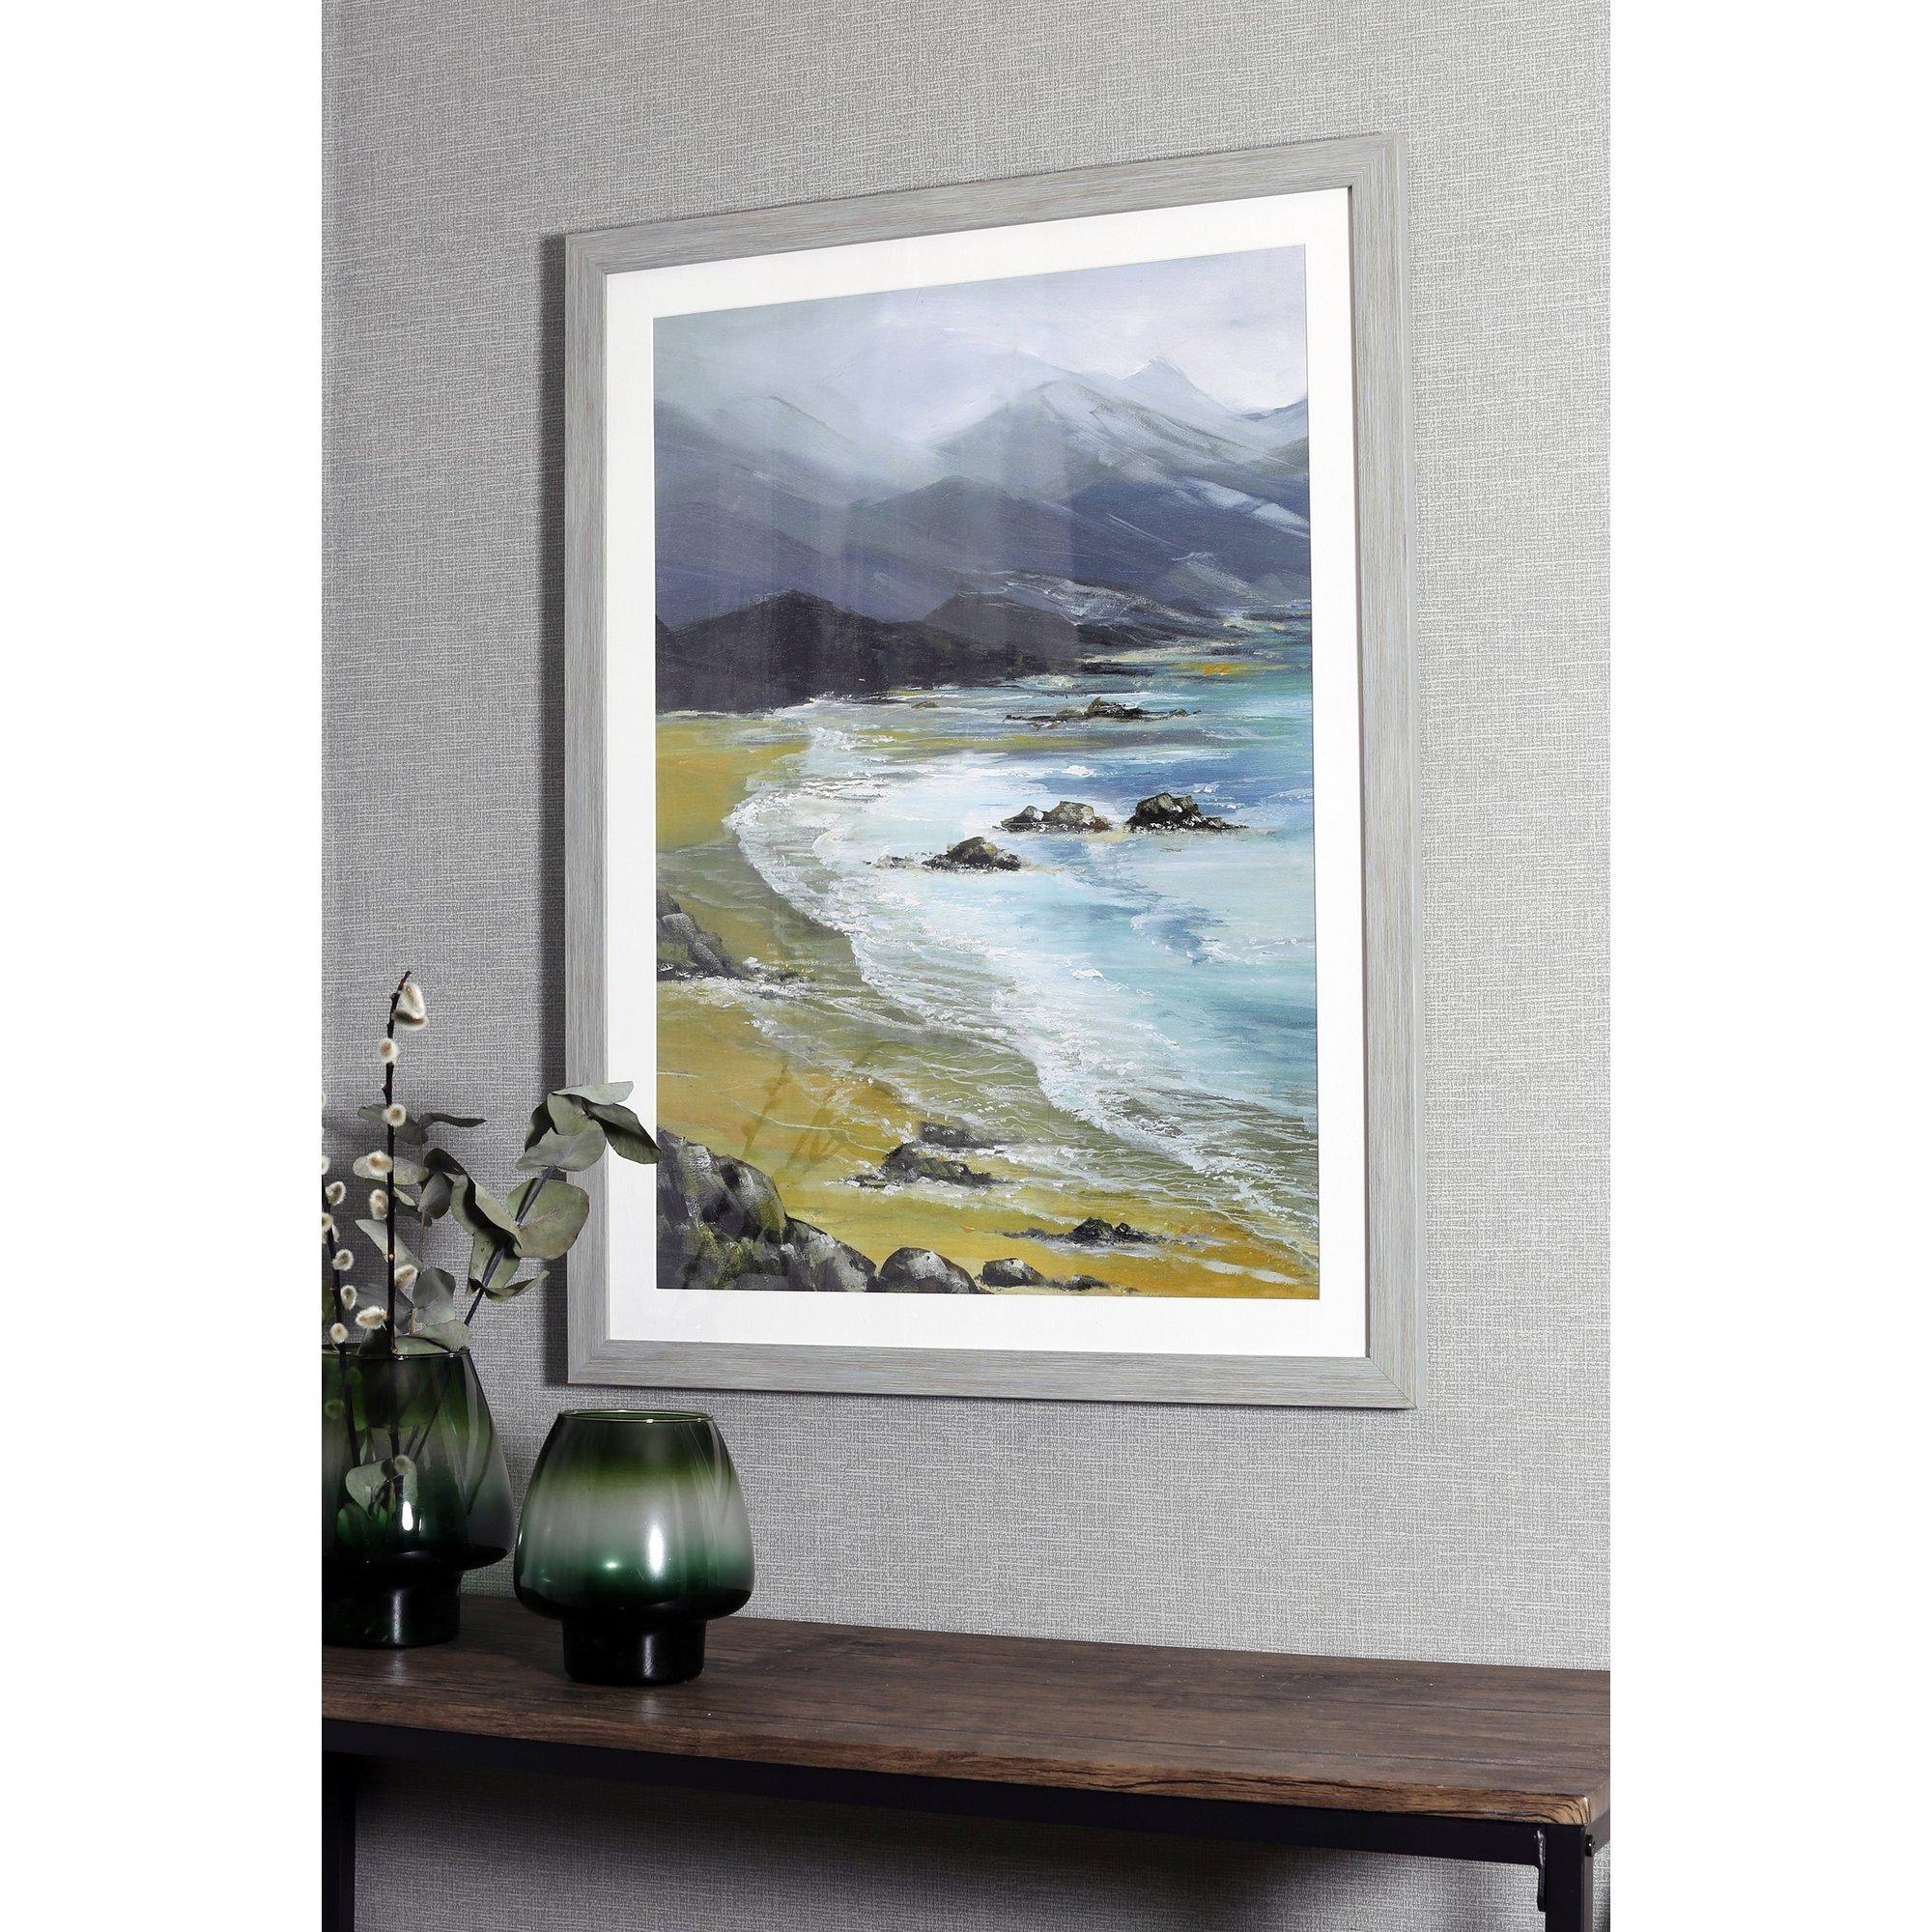 Image of Black Bay Framed Print